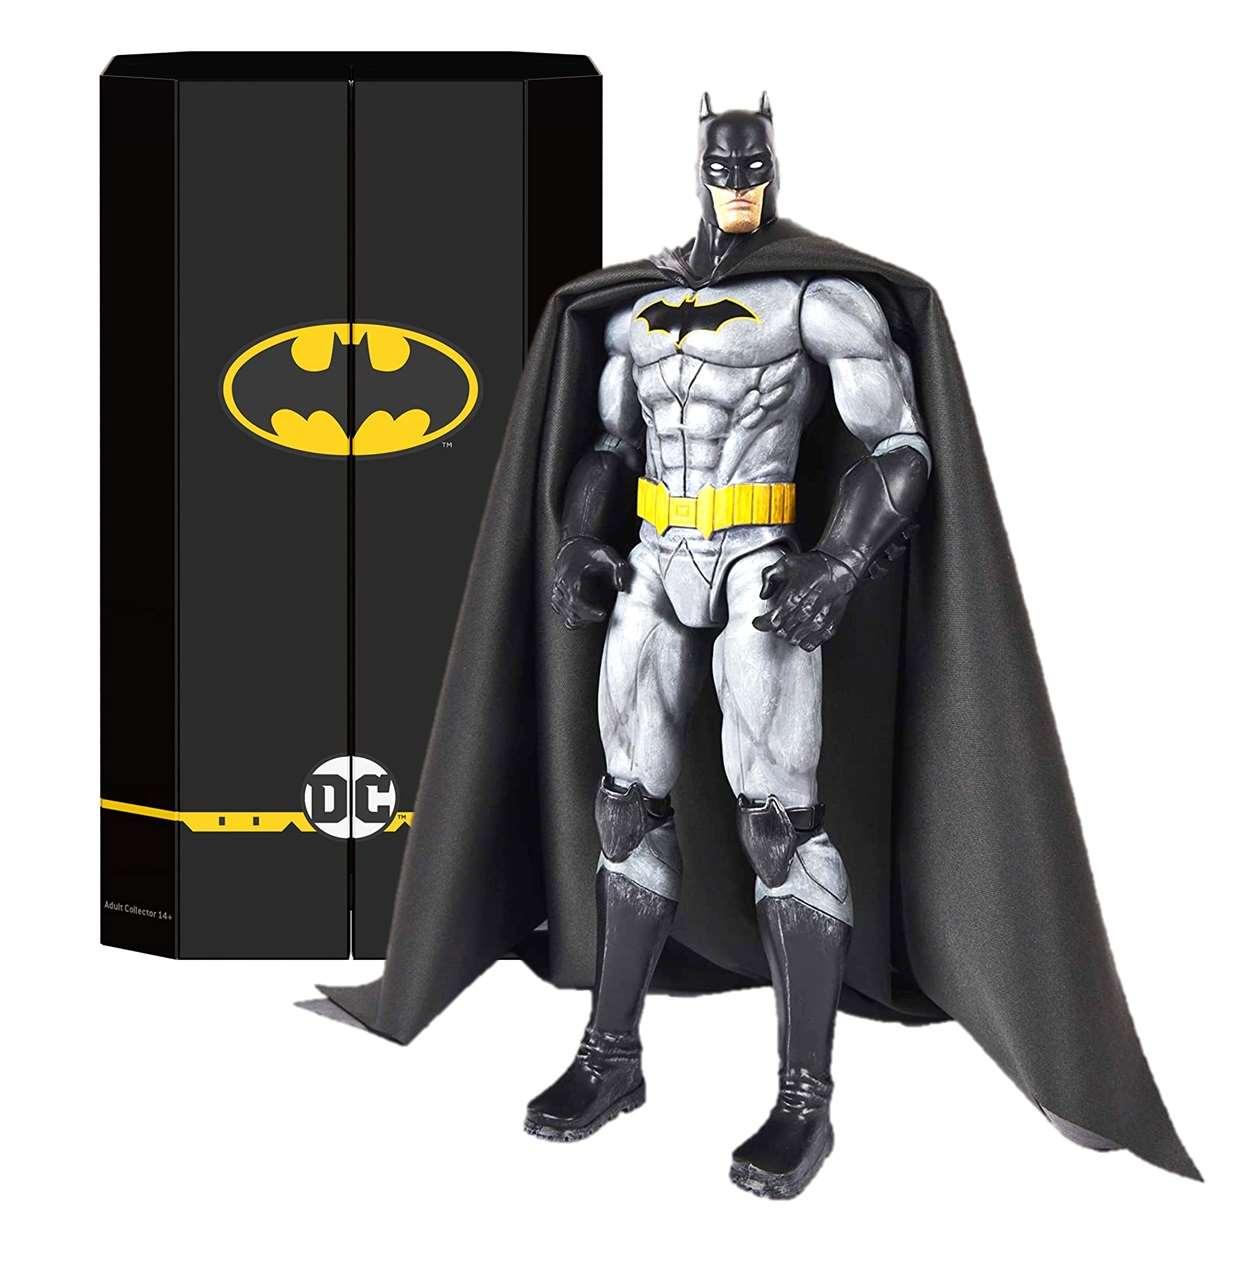 Batman Deluxe Capa De Tela Exclusiva Spin Master 12 PuLG